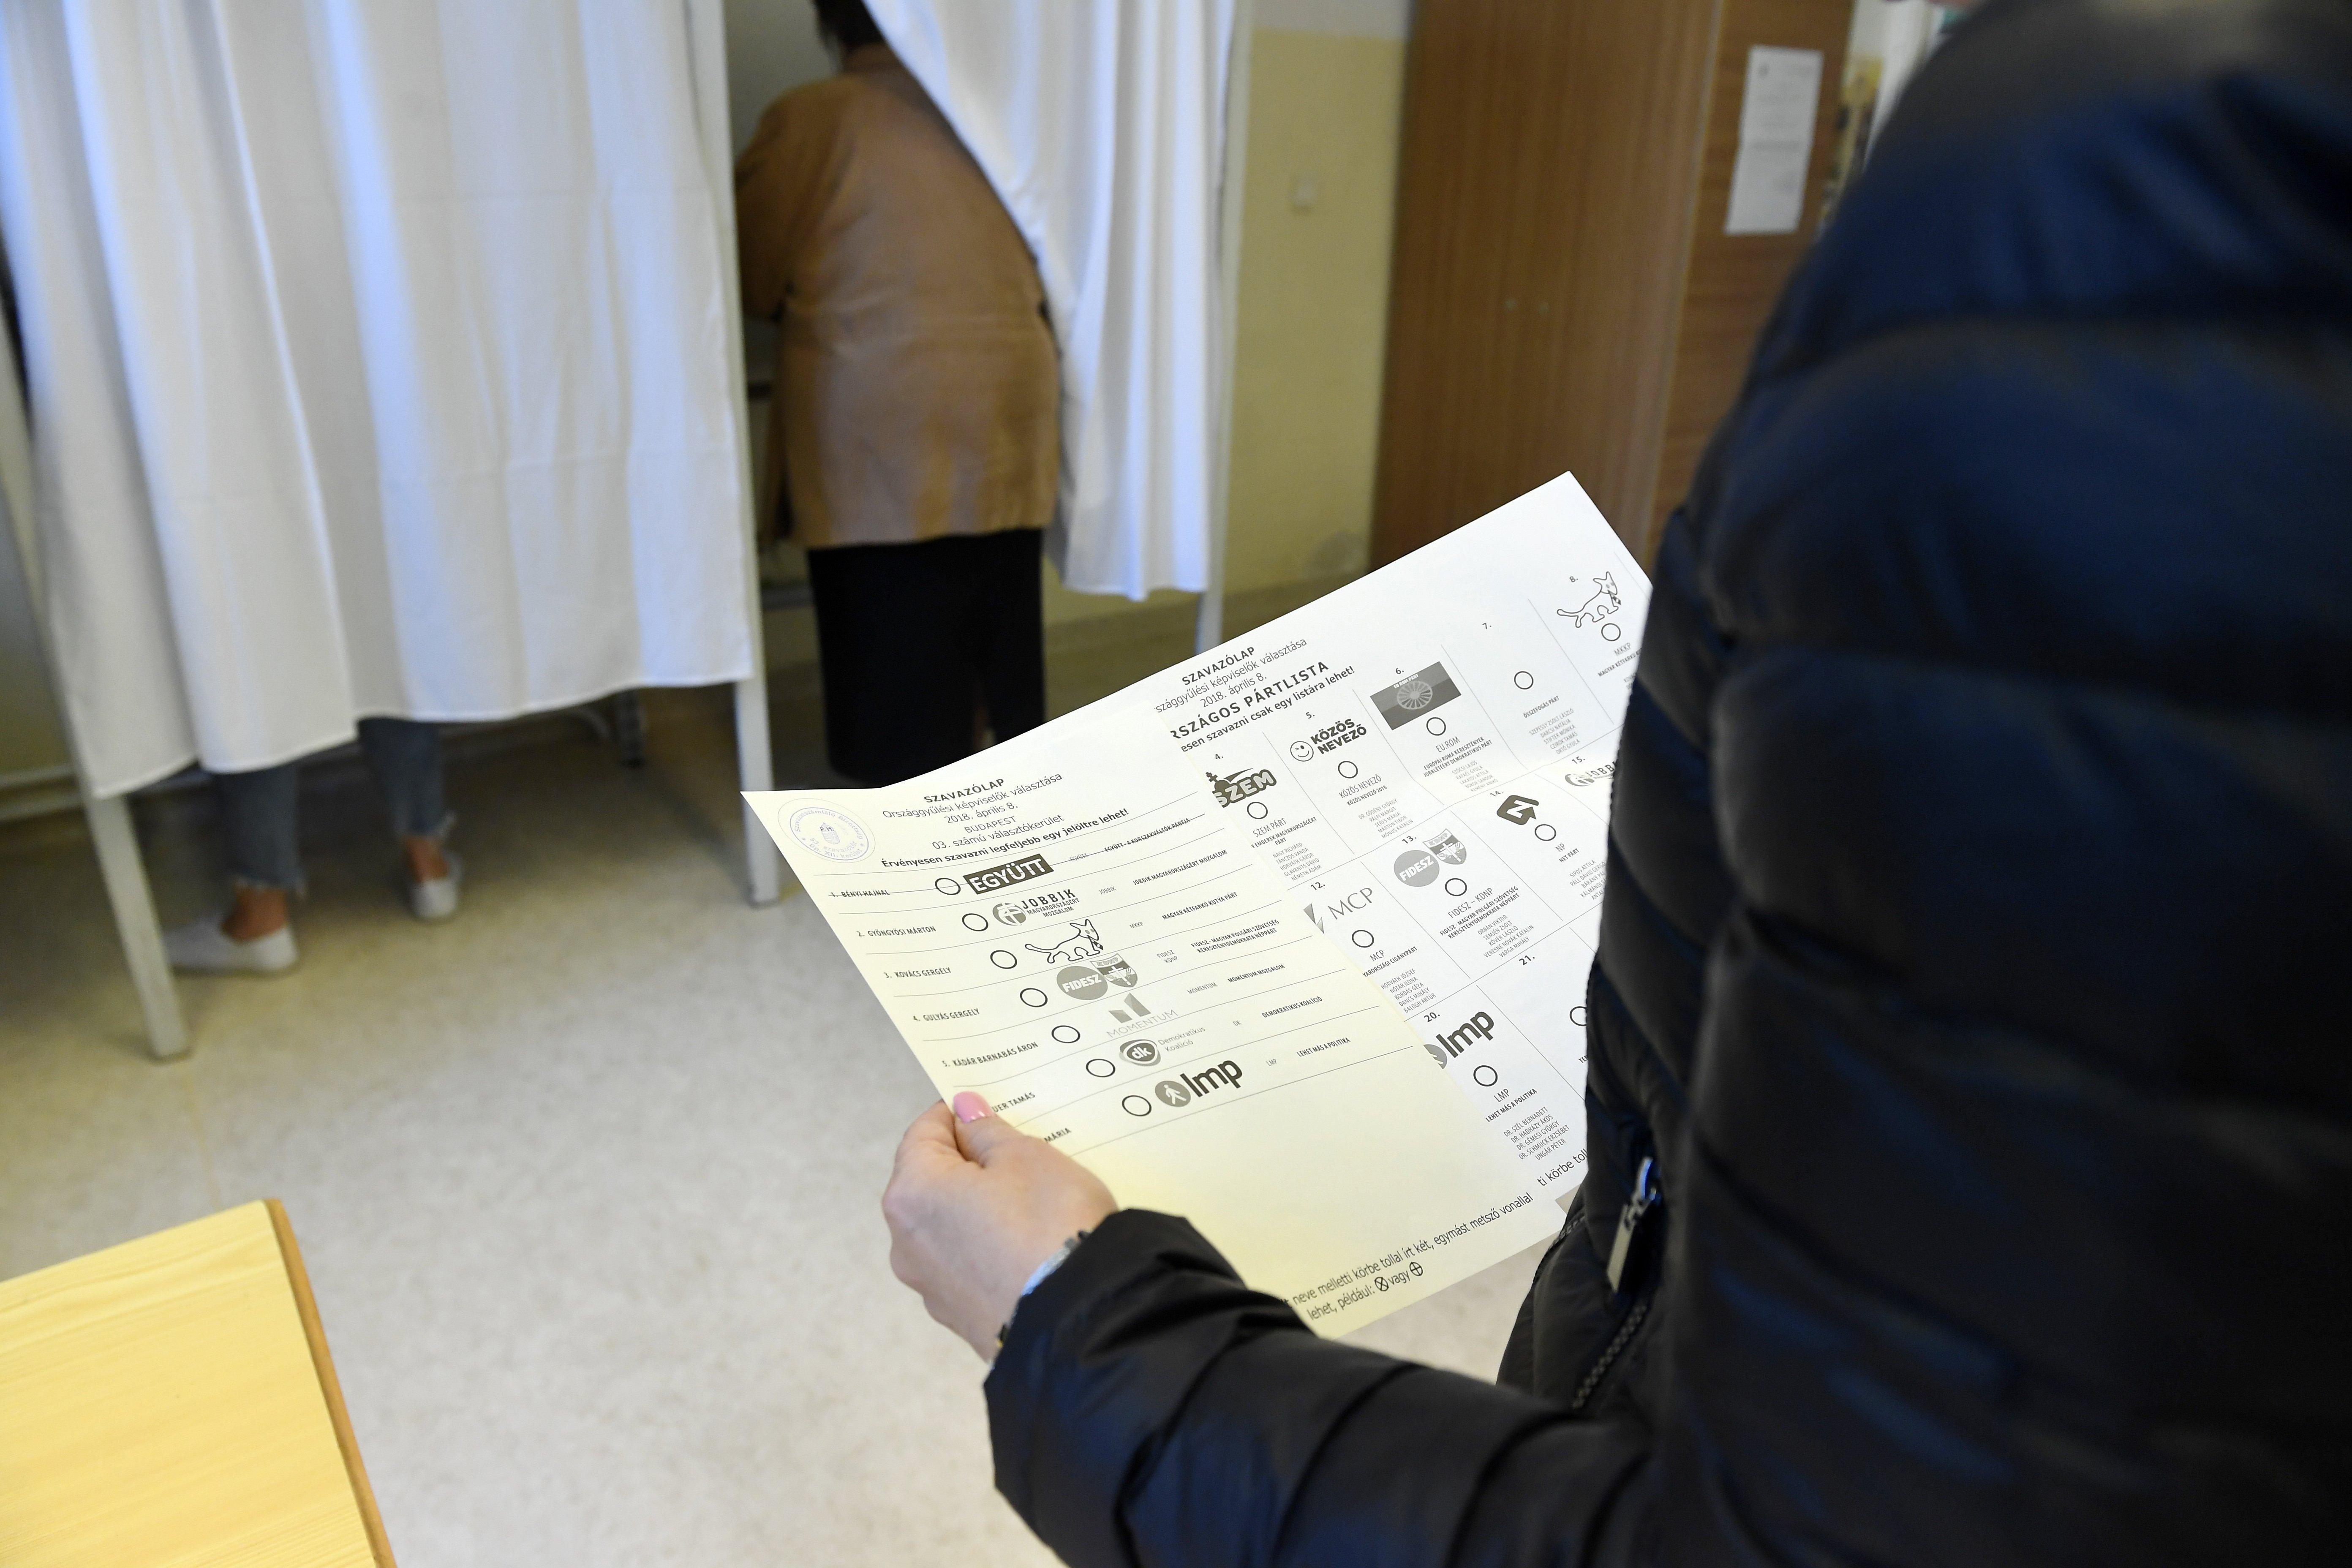 Az Együtt visszalépő képviselője is a saját pártjára szavazott, mégsem volt egyetlen szavazata sem az Együttnek